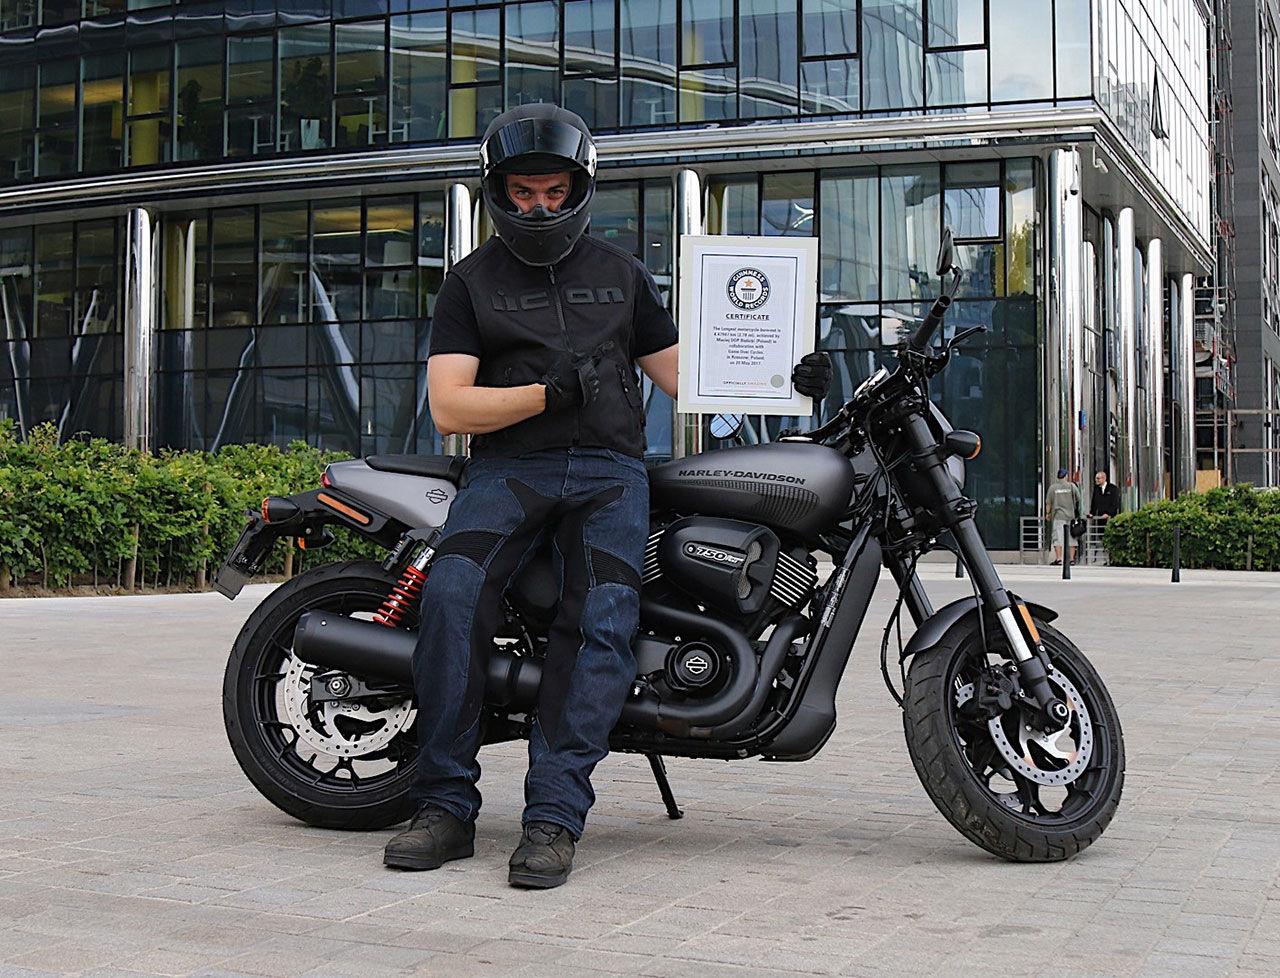 Världens längsta burnout med motorcykel